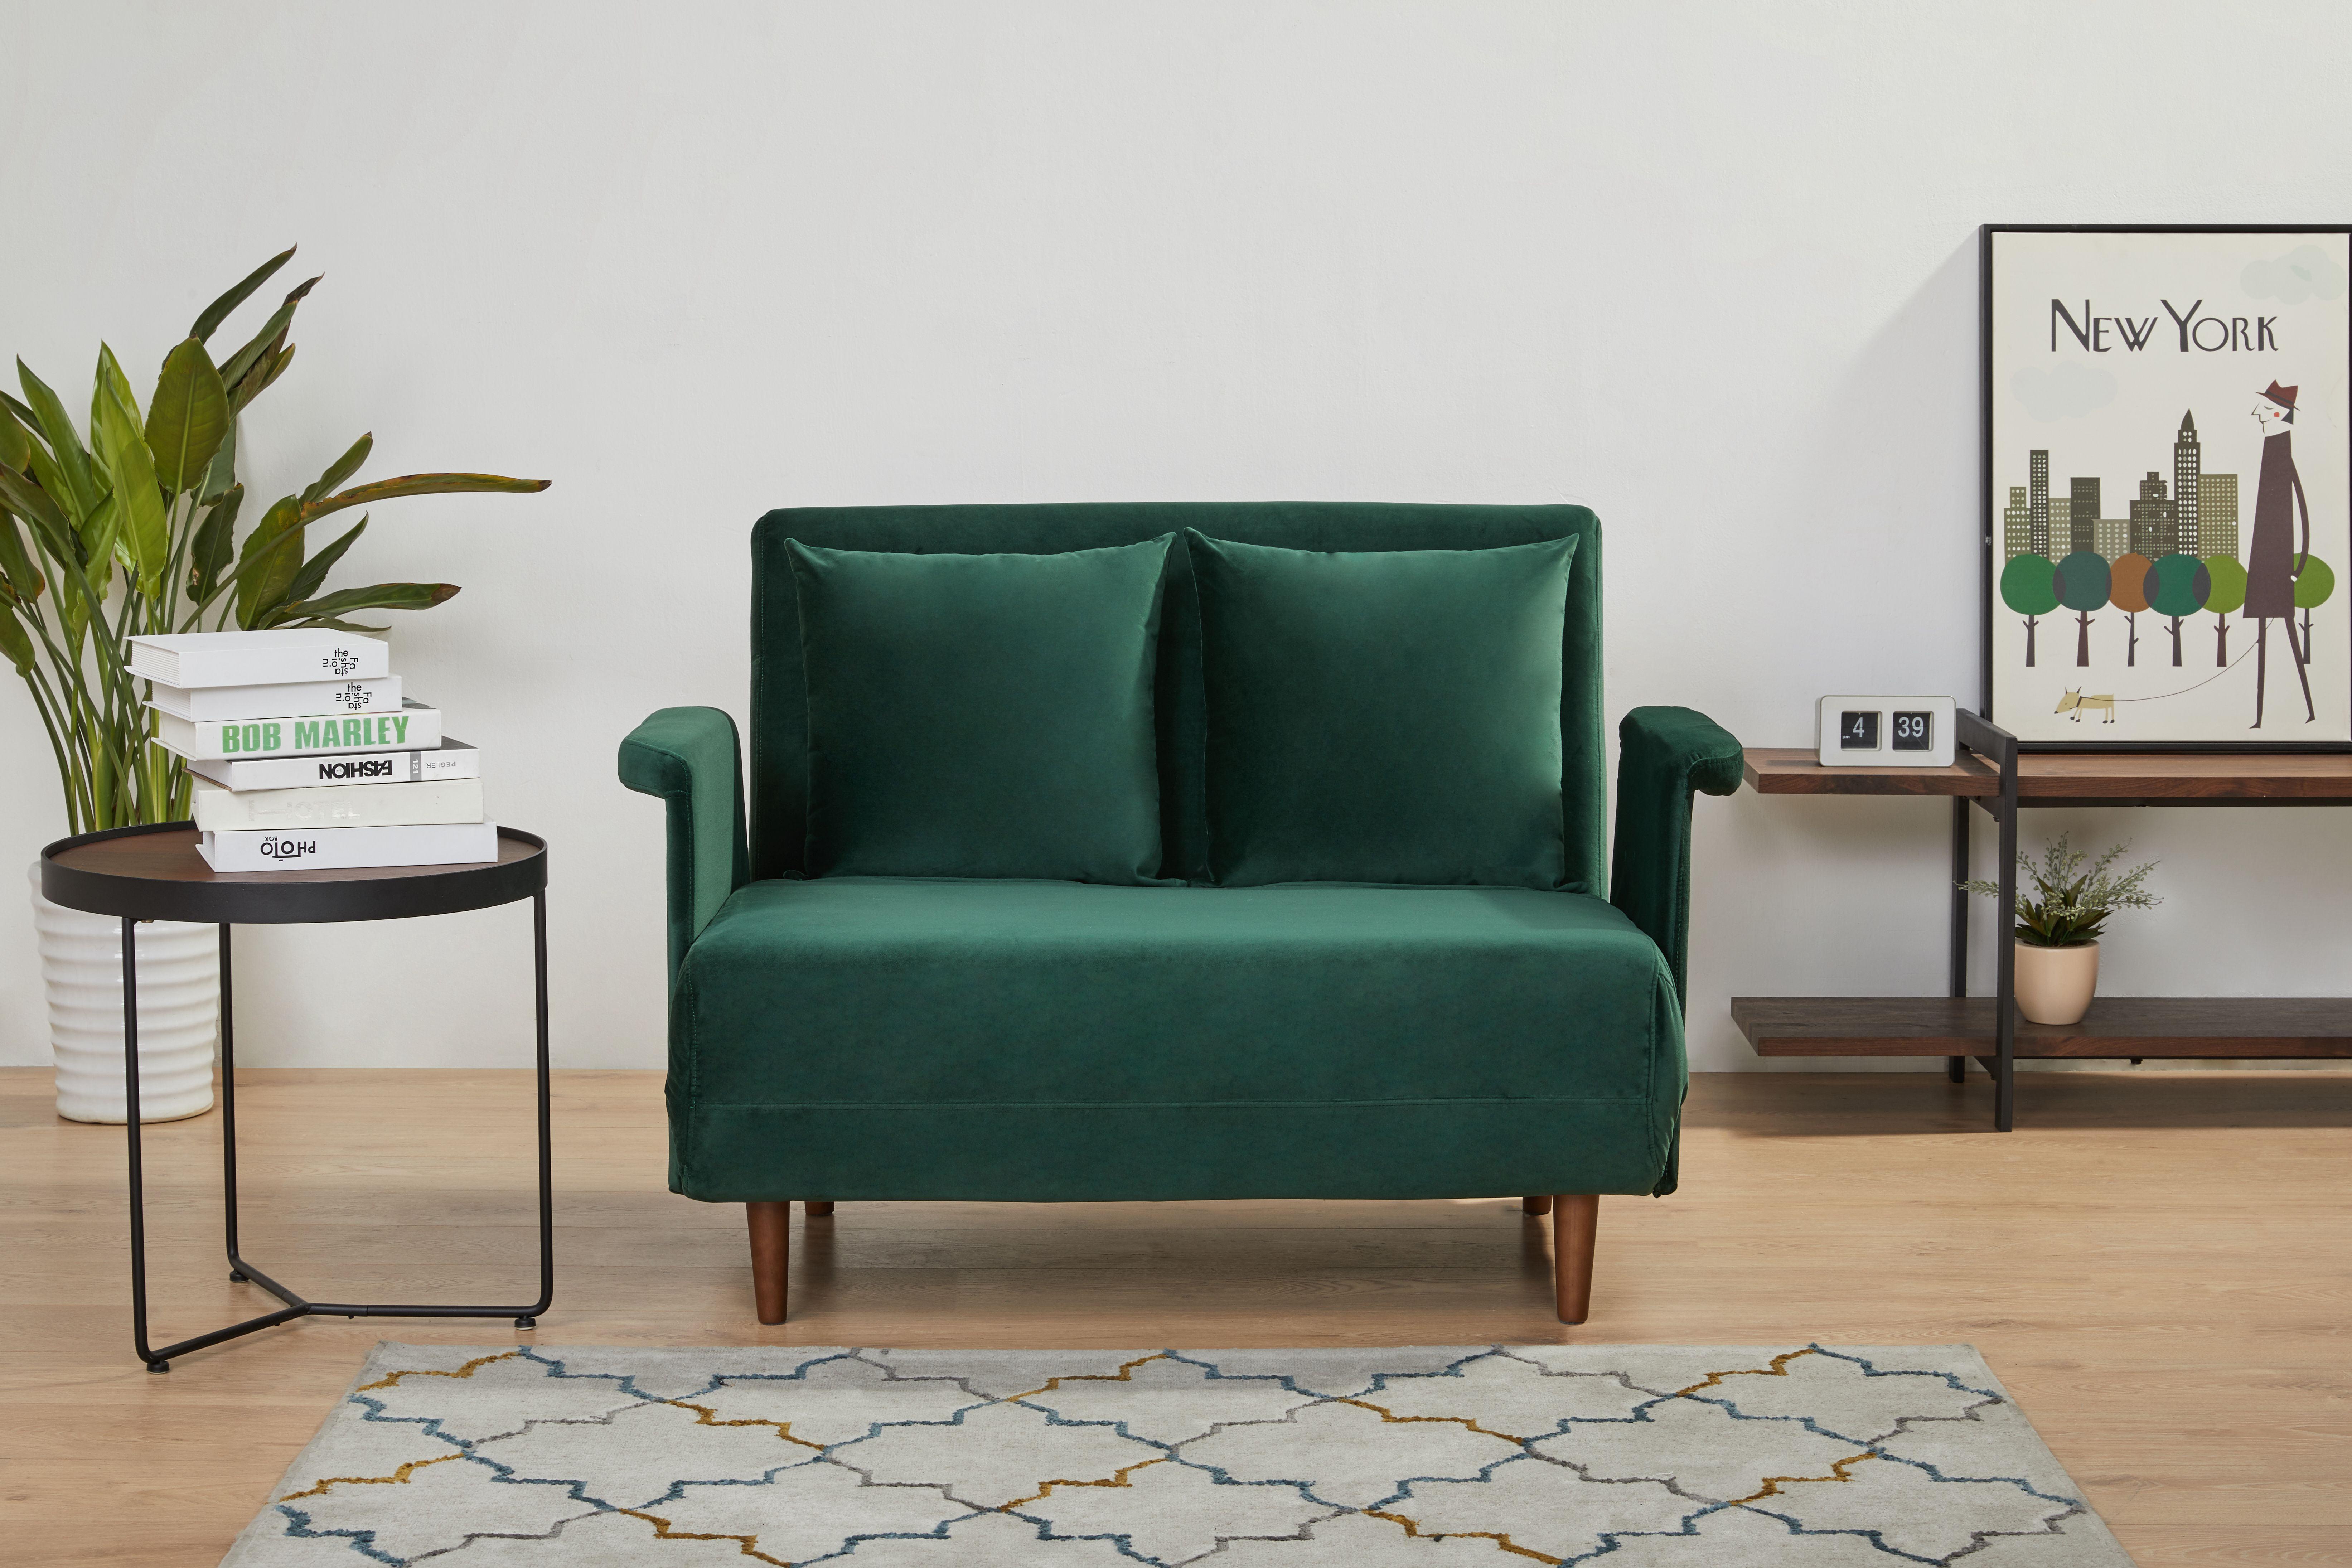 A D Home Boston 39 37 Velvet Convertible Chair Green Walmart Com Walmart Com